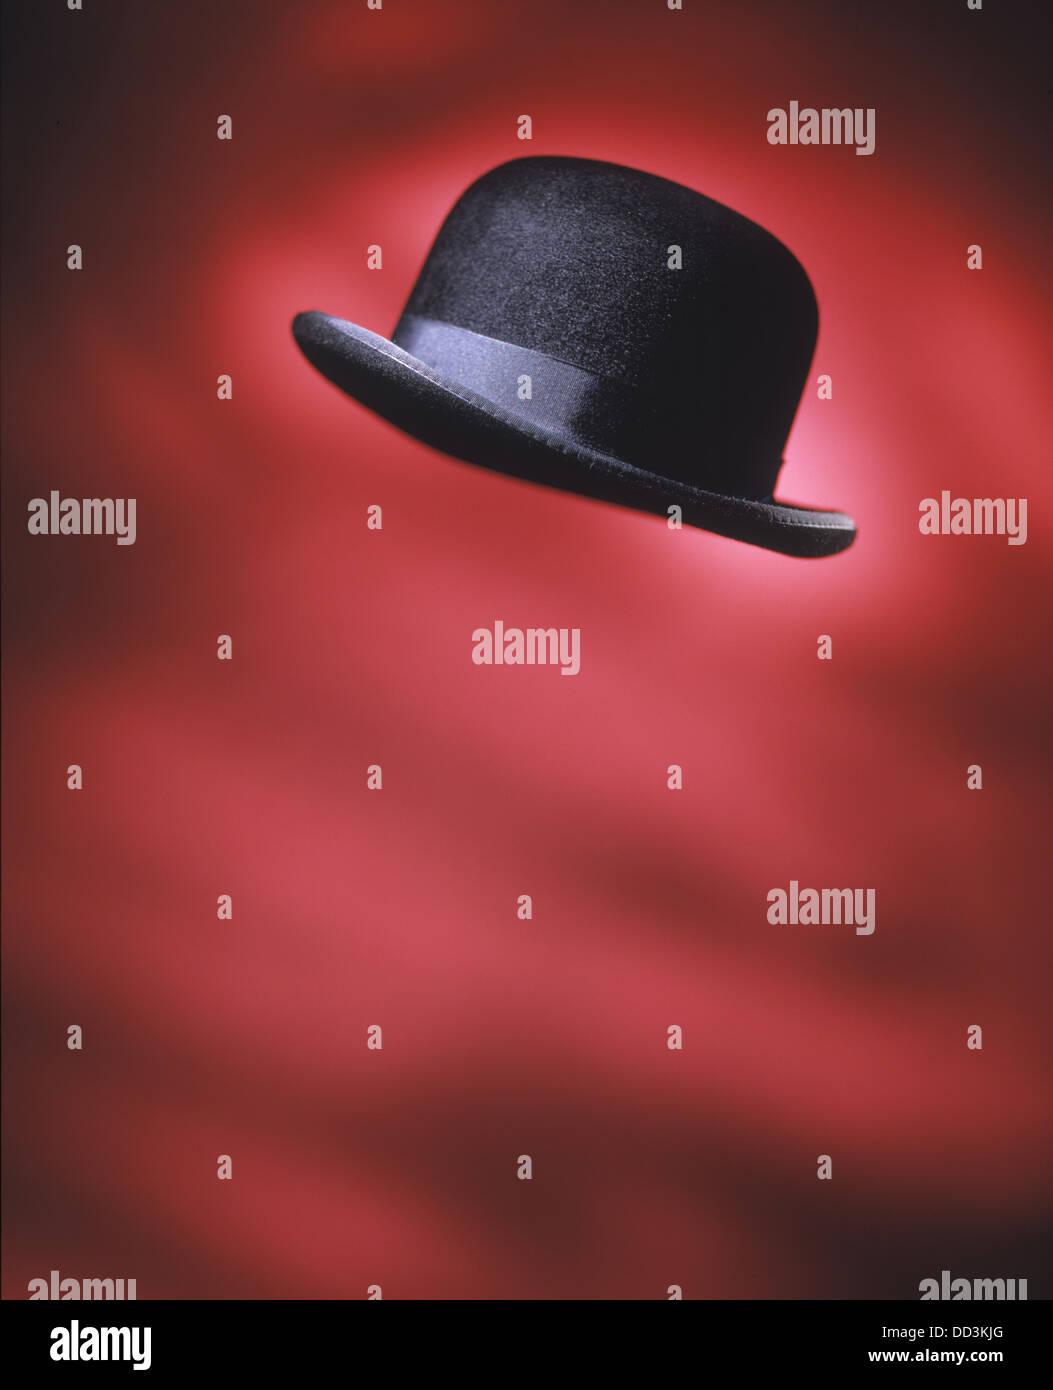 Un derby hat mens noir volant dans l'air. Fond rouge brillant Banque D'Images